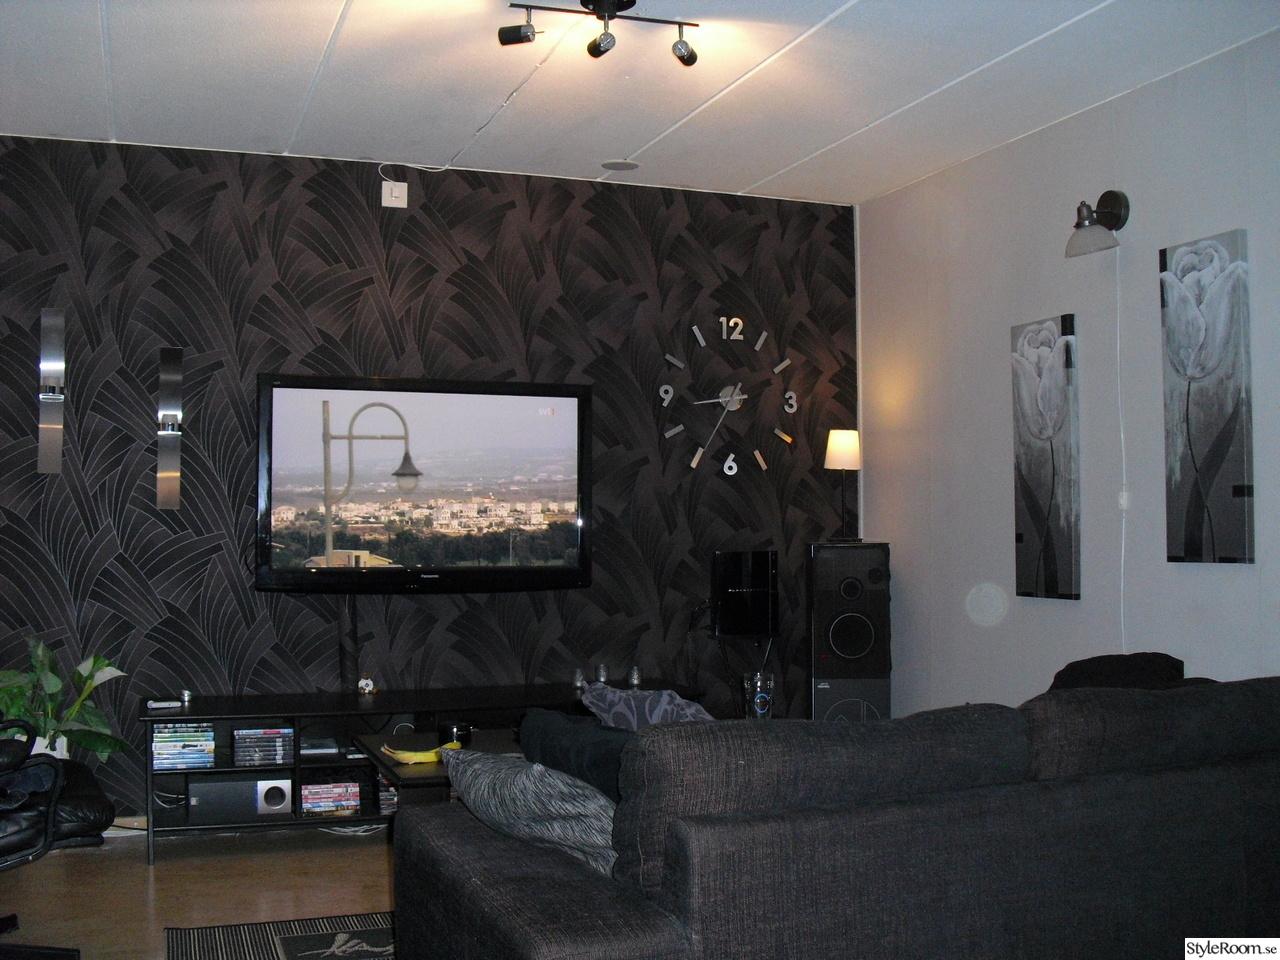 Fondvägg vardagsrum   inspiration och idéer till ditt hem